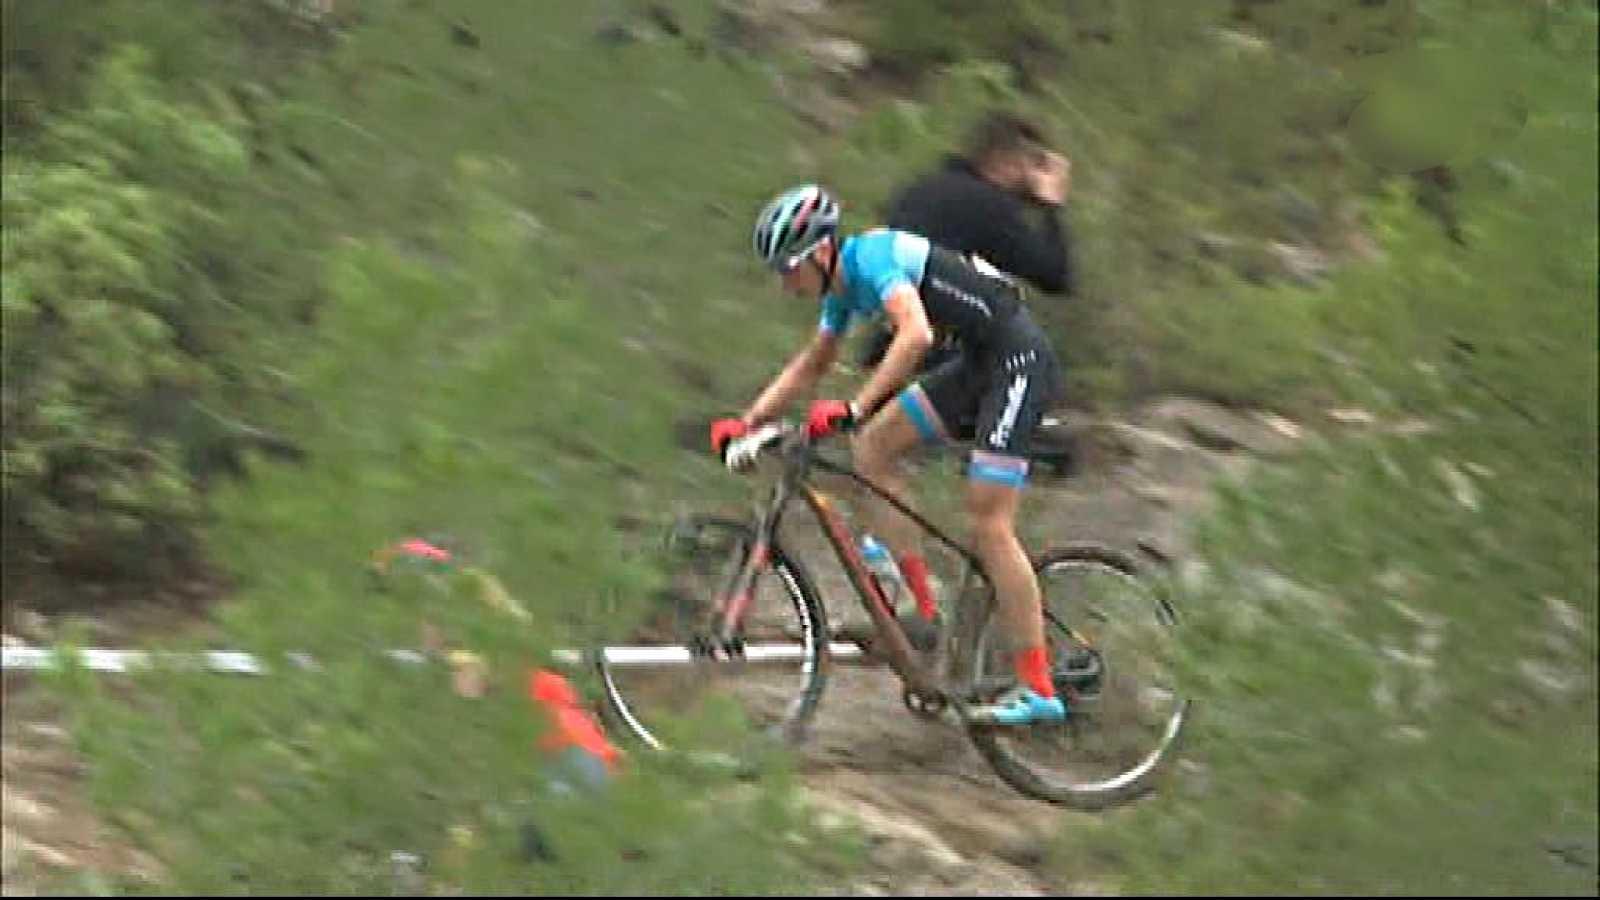 Circuito Xco Moralzarzal : Mountain bike open de españa btt xco cofidis 2018 prueba chelva